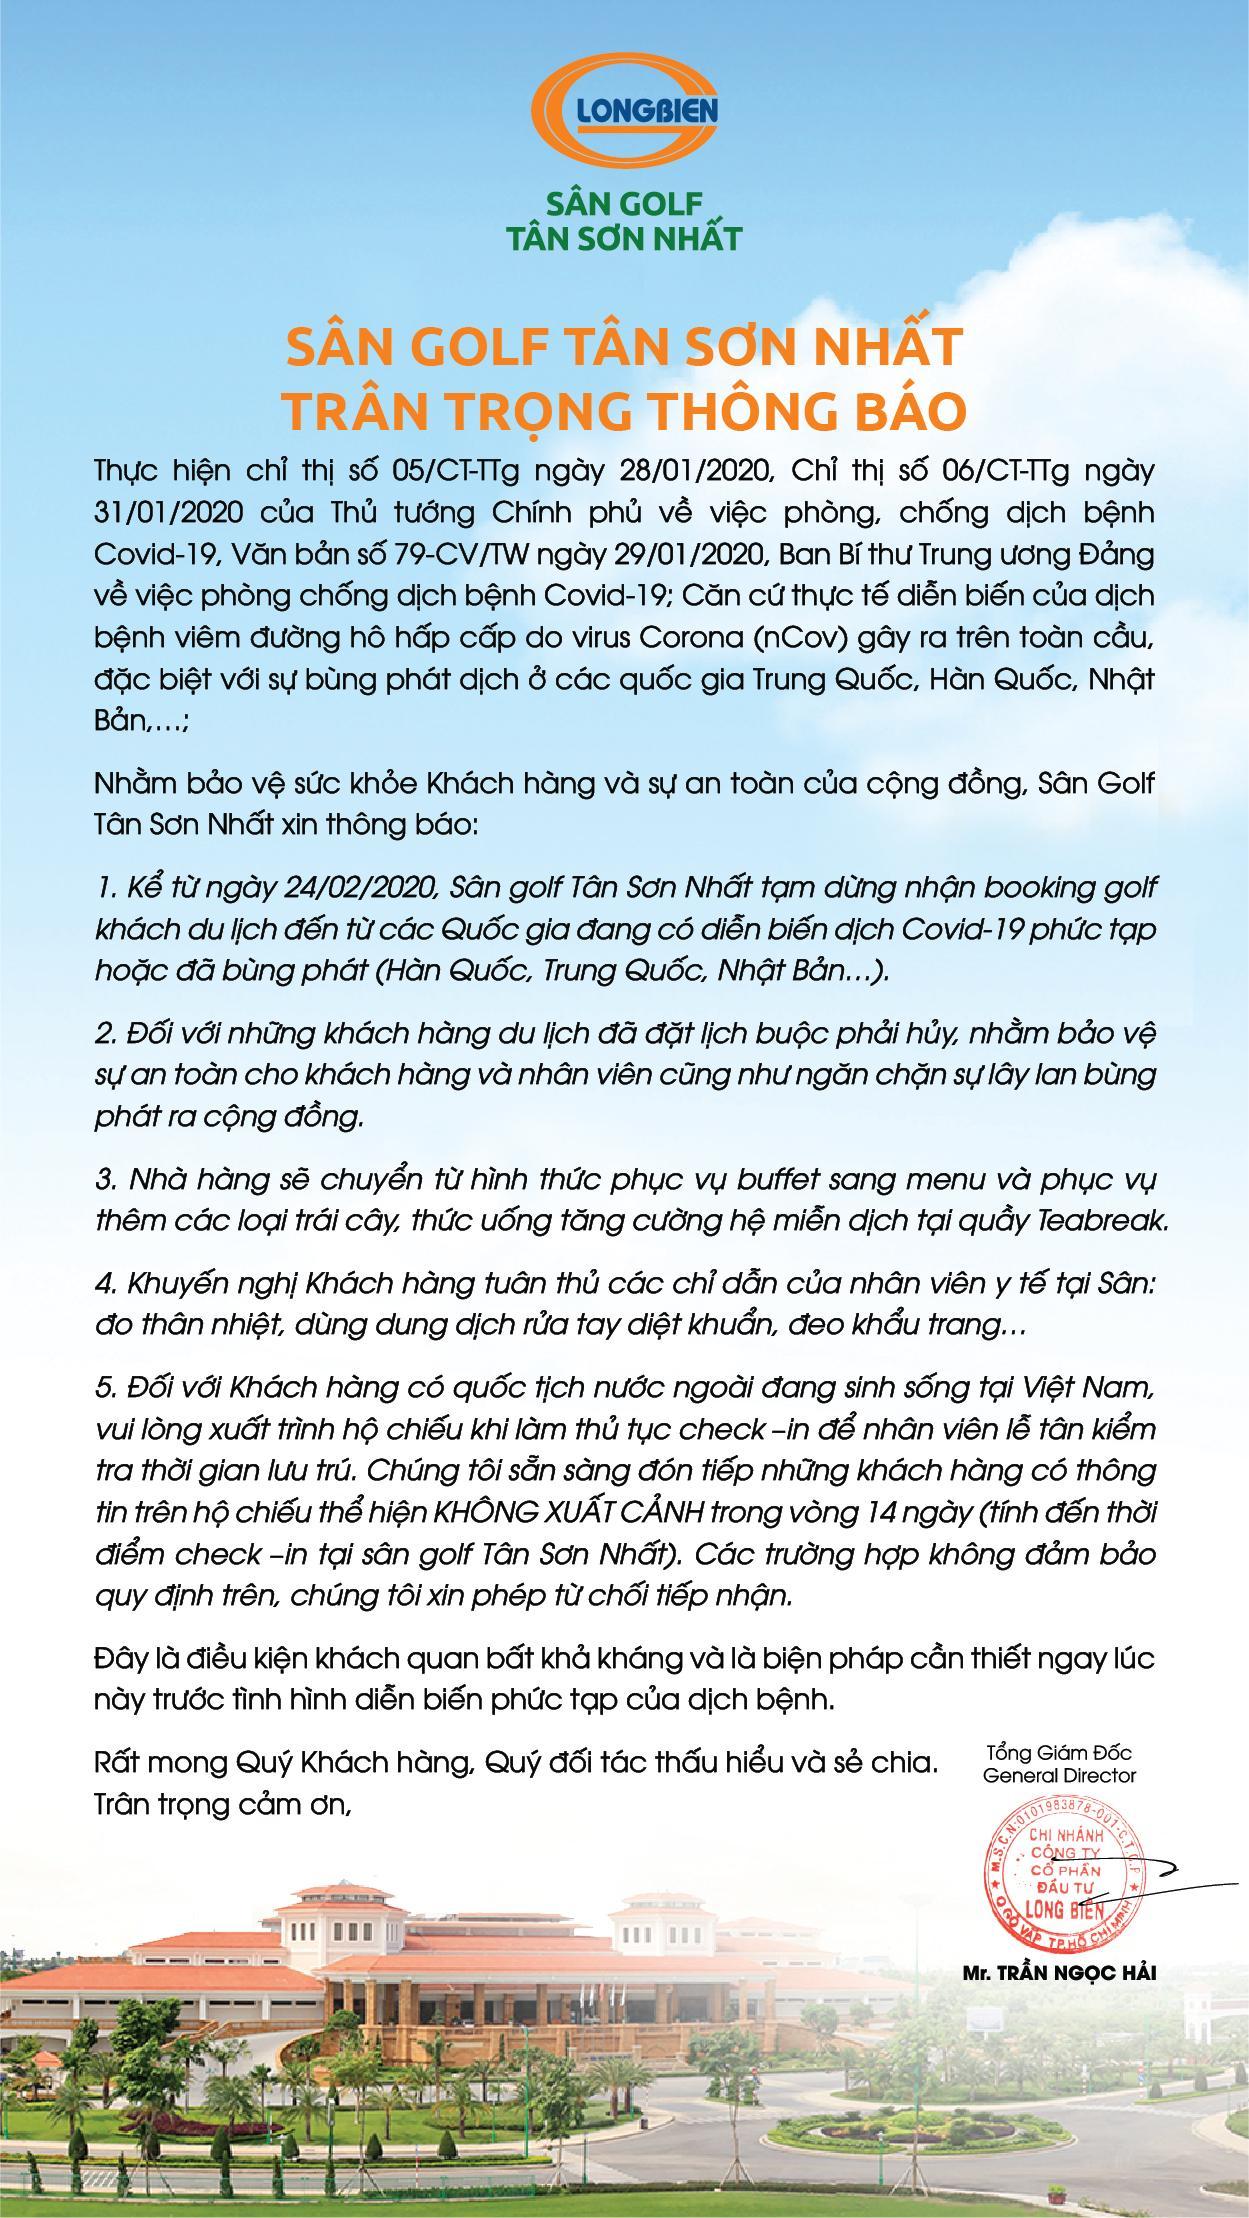 SÂN GOLF TÂN SƠN NHẤT TẠM NGỪNG NHẬN BOOKING GOLF KHÁCH DU LỊCH ĐẾN TỪ VÙNG CÓ DỊCH COVID19